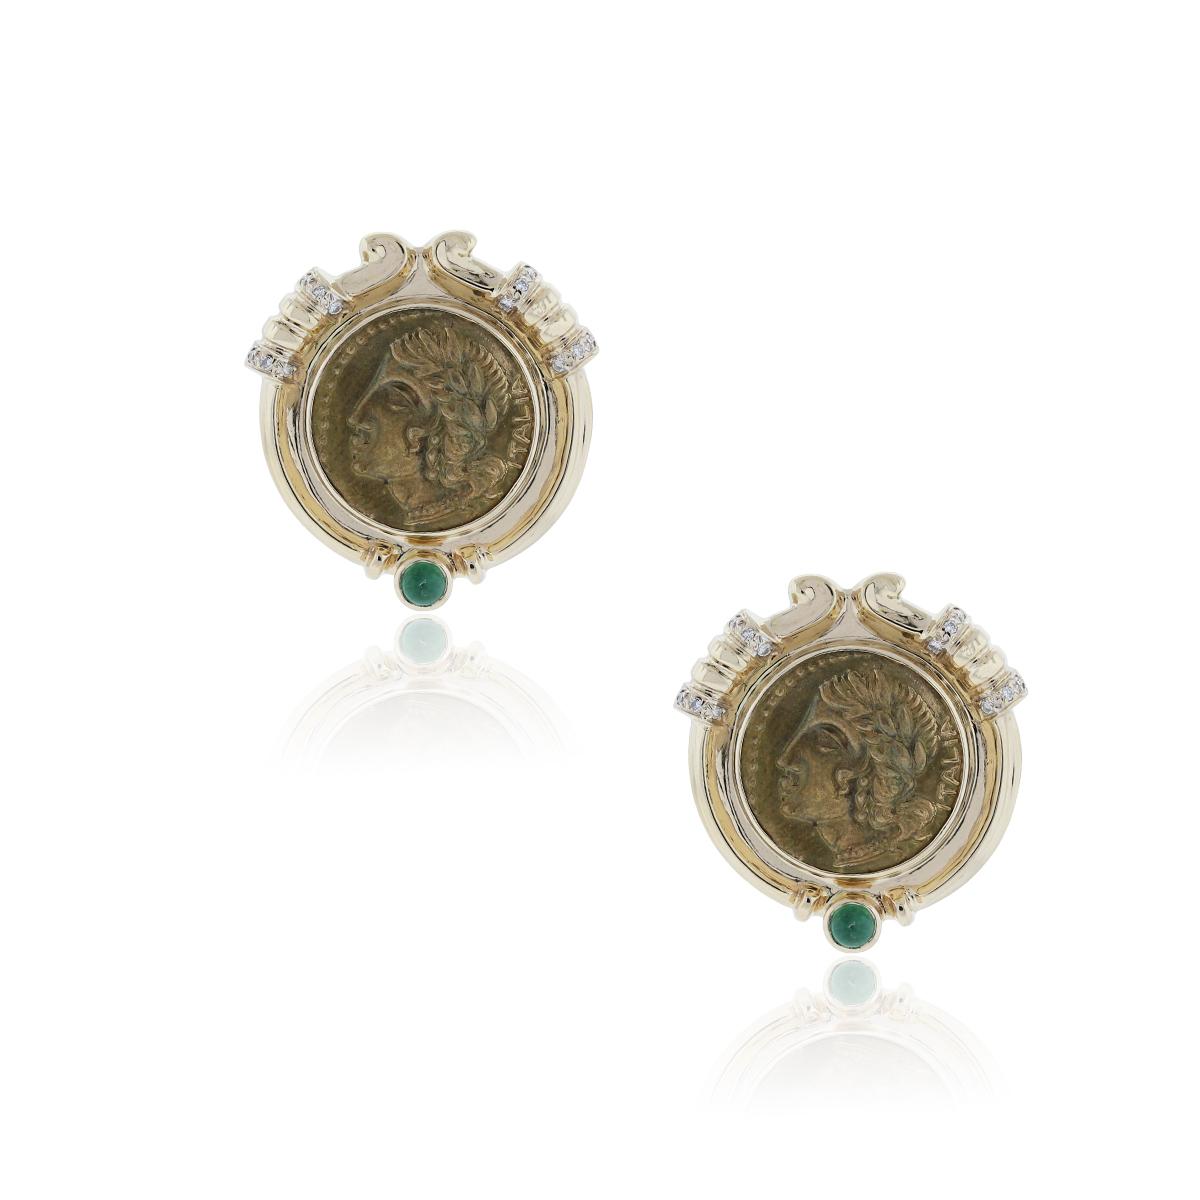 14K Yellow Gold Diamond and Emerald Italian Coin Earrings